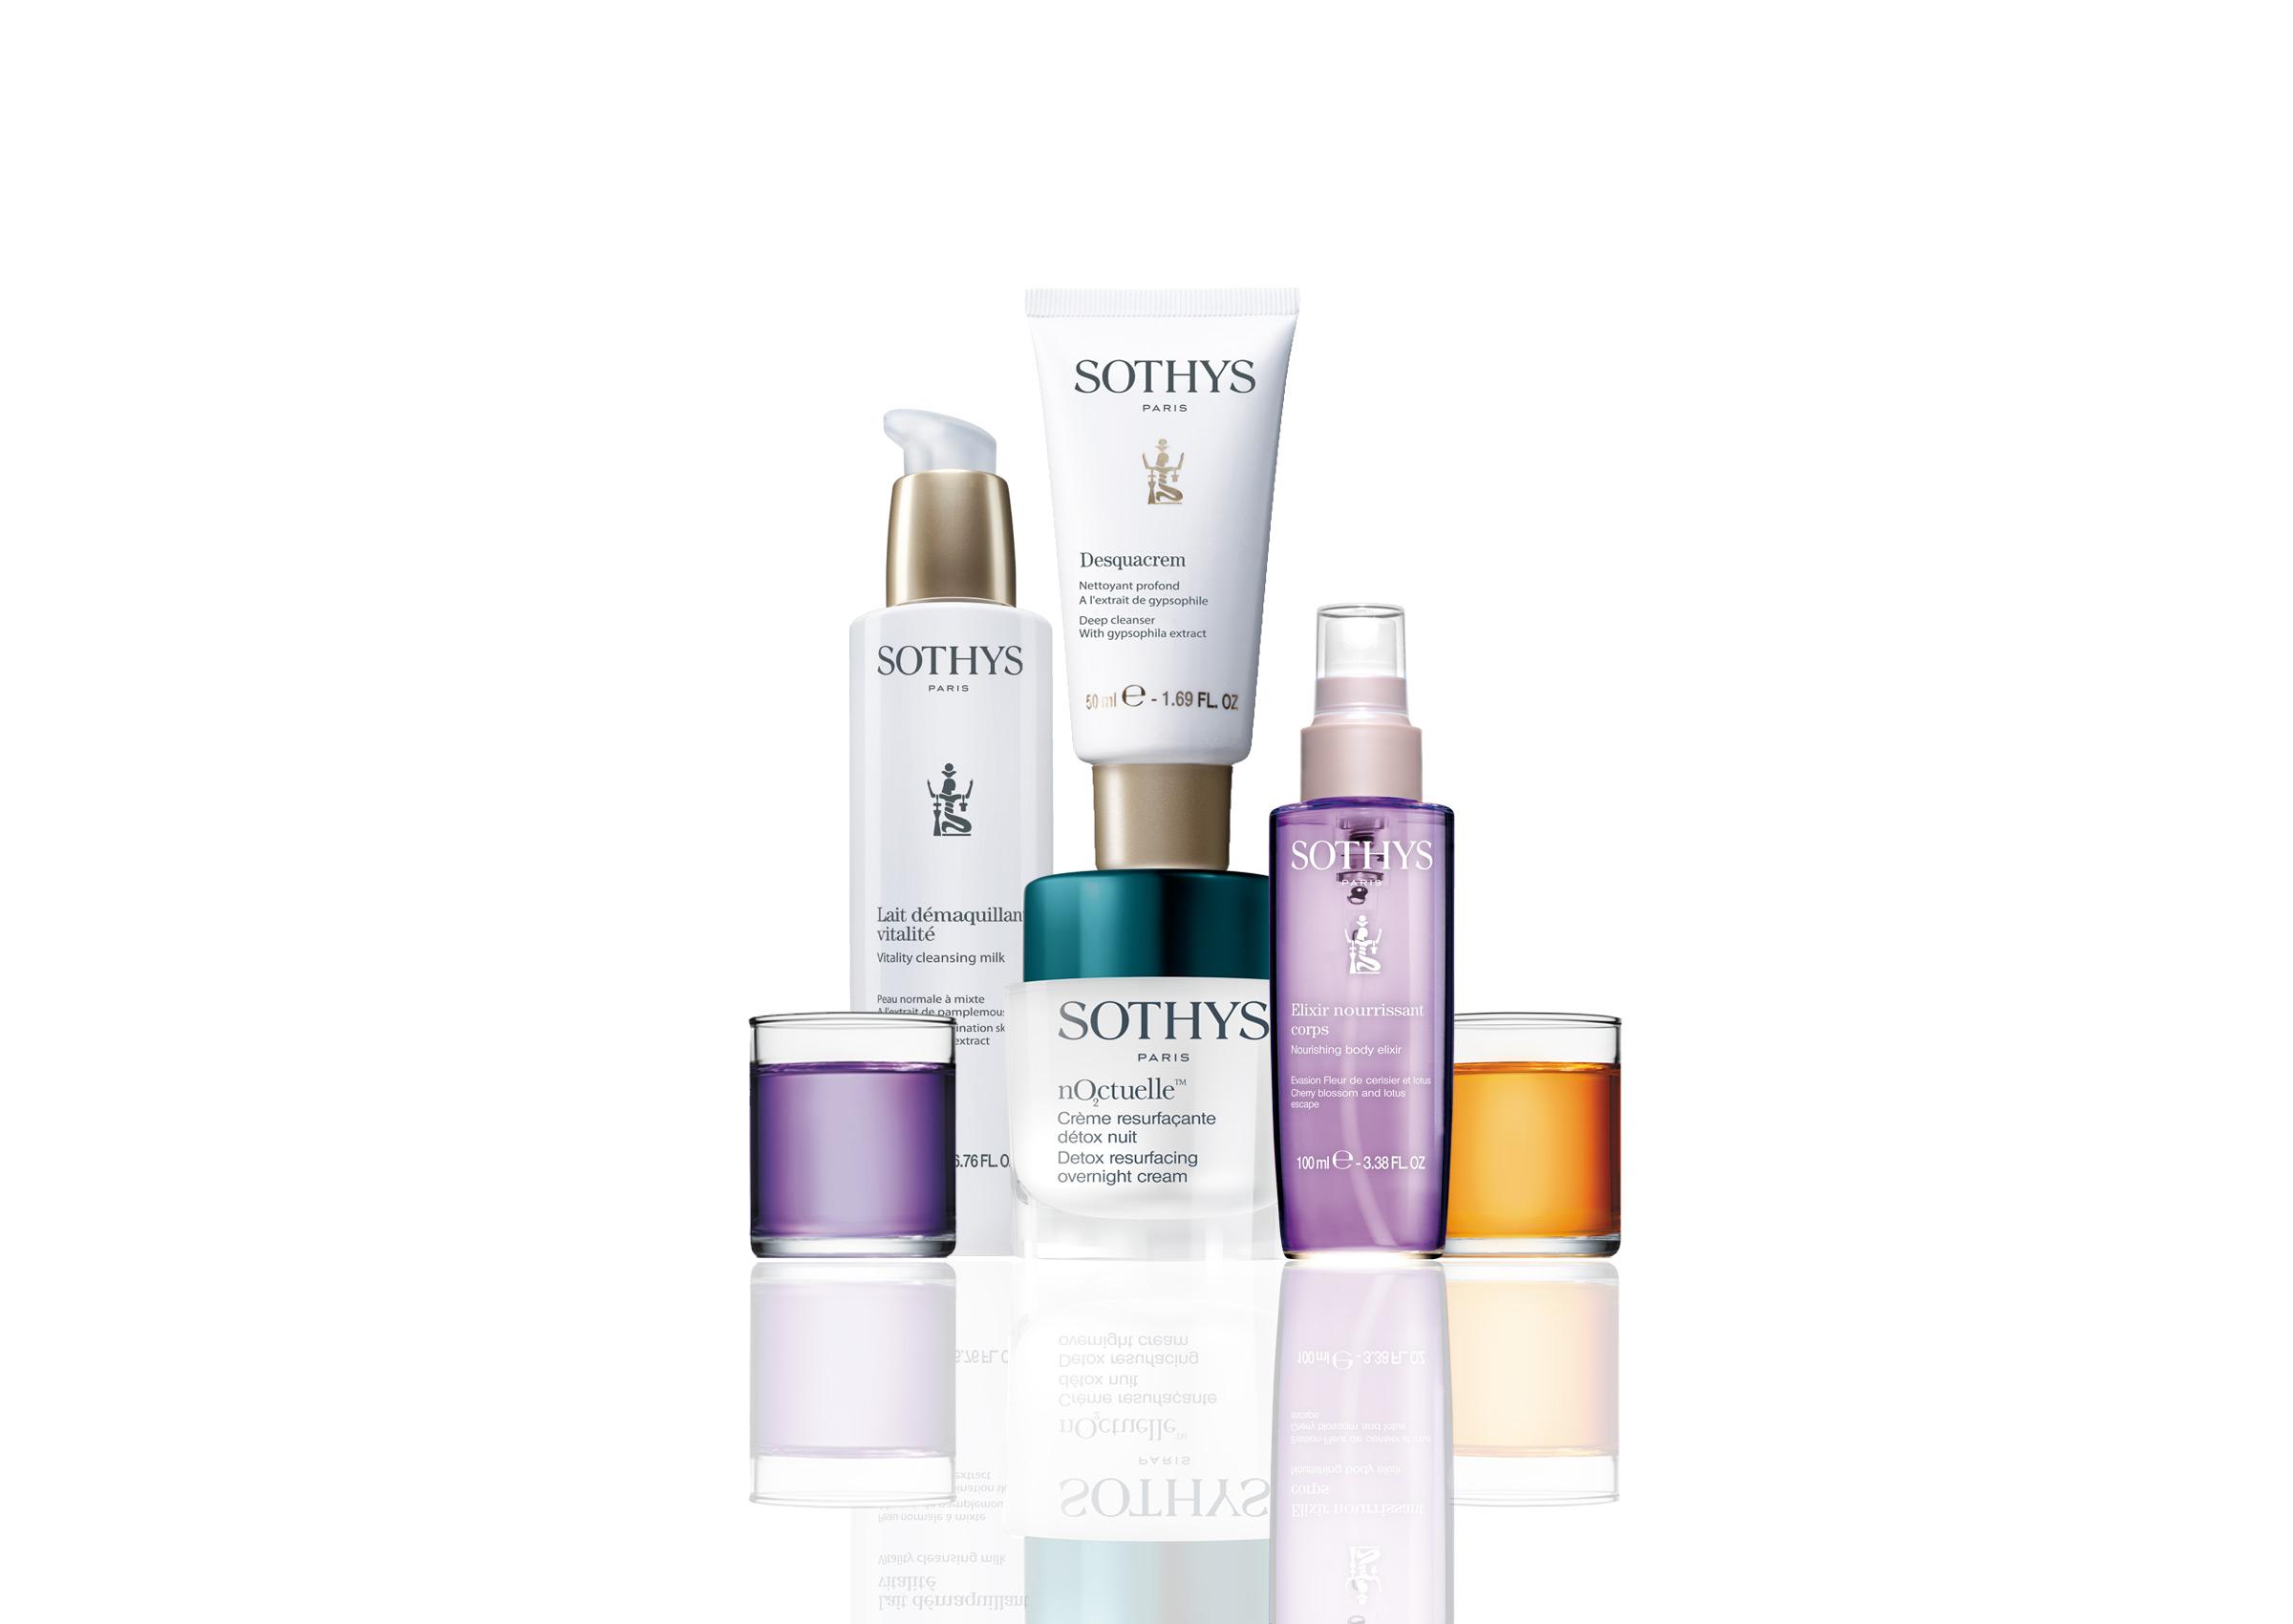 Les produits Sothys en ligne